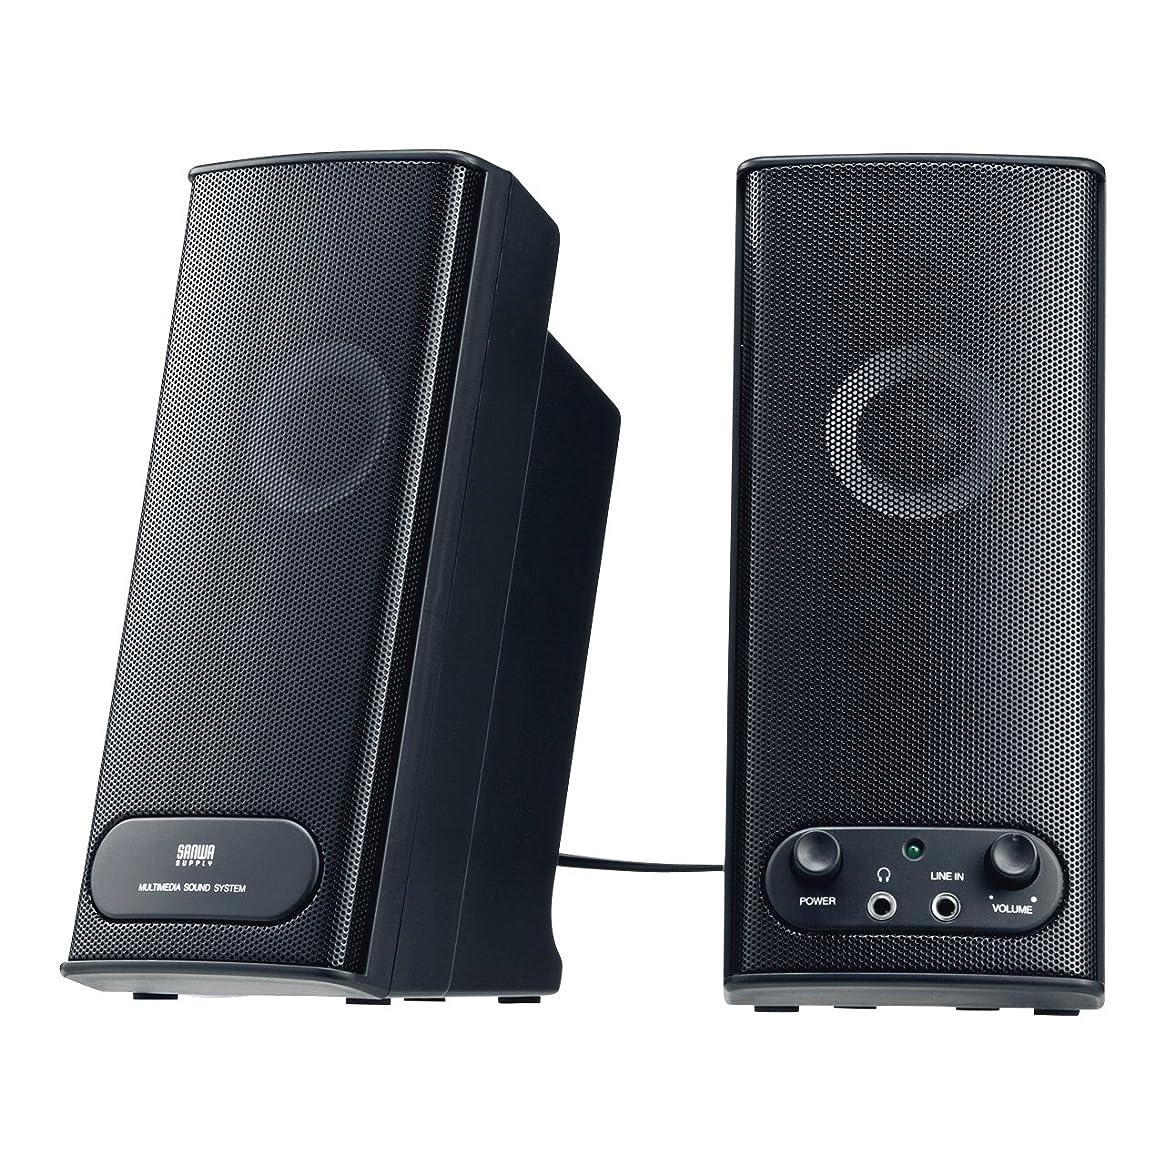 第二に緊張端ONKYO GX-70HD2 PCスピーカー/パワードスピーカーシステム WAVIO/ハイレゾ対応 ブラック GX-70HD2(B) 【国内正規品】